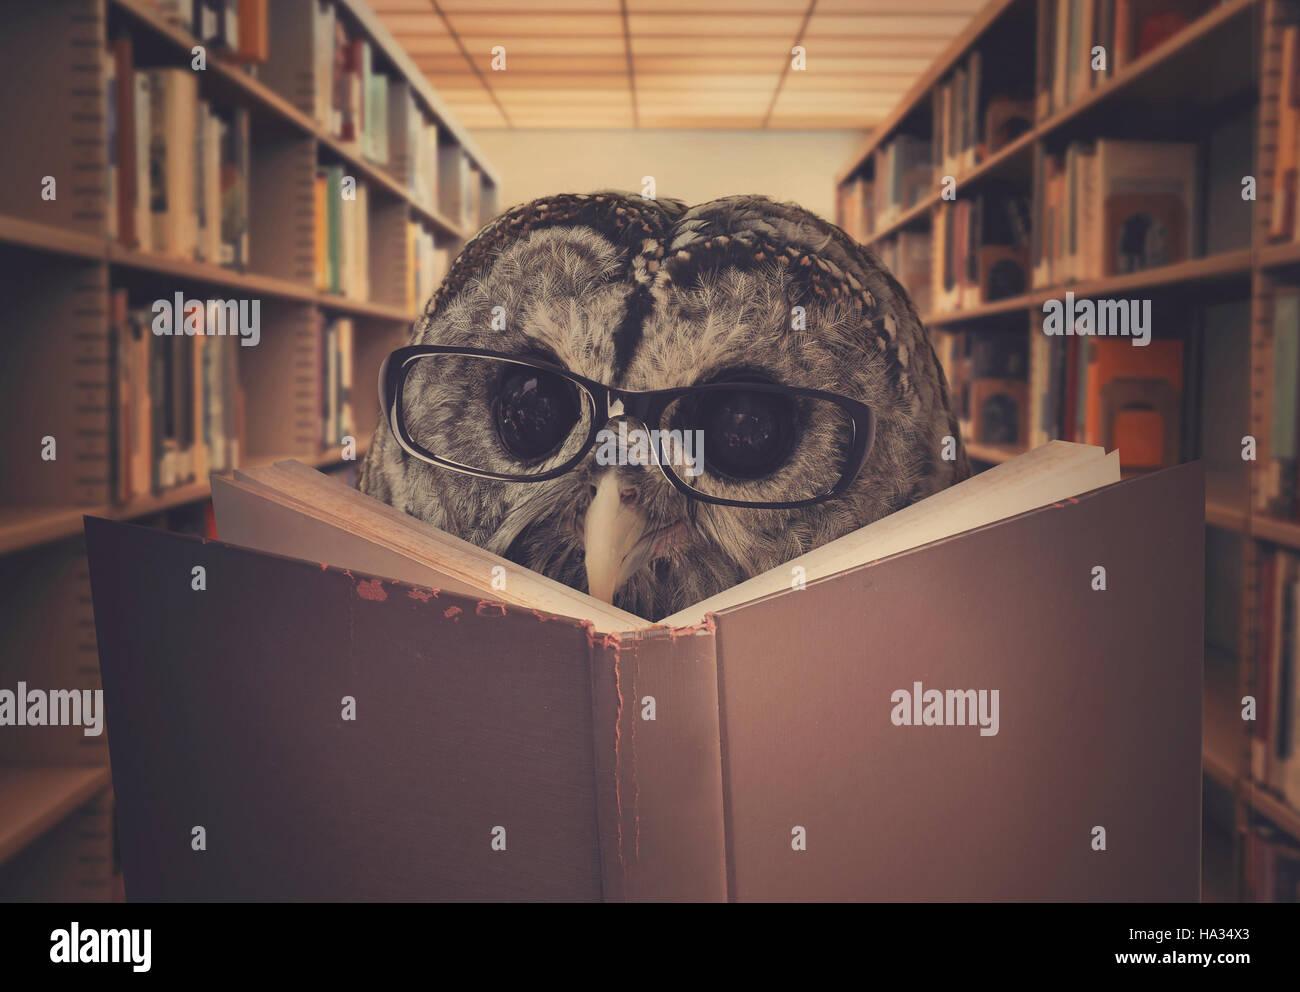 Un hibou oiseau est le port de lunettes et la lecture d'un livre de bibliothèque pour l'éducation, la créativité ou l'apprentissage concept. Banque D'Images